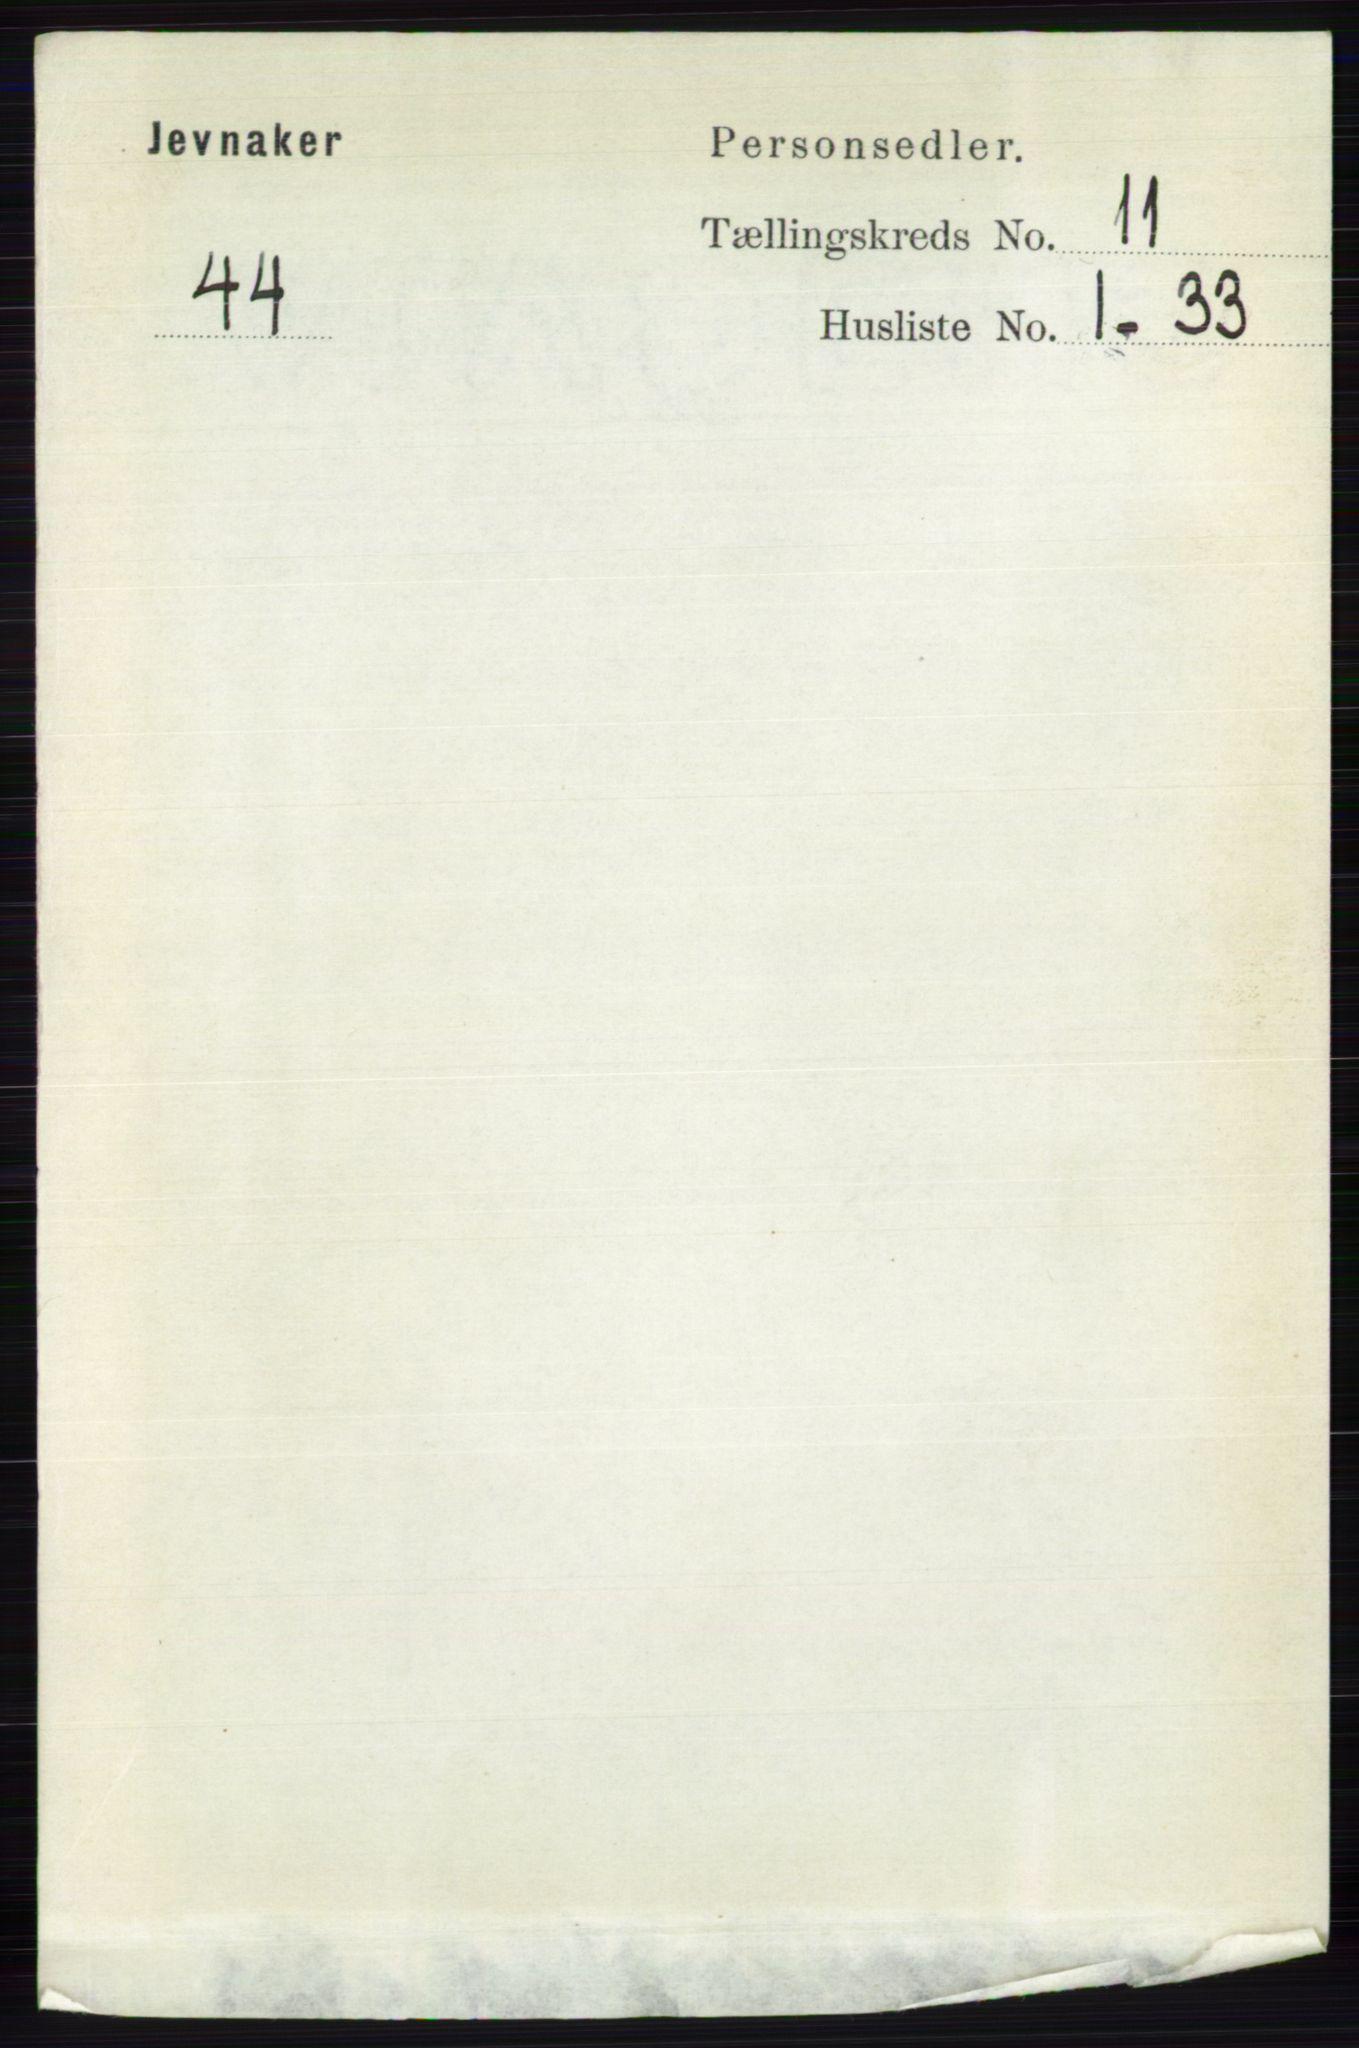 RA, Folketelling 1891 for 0532 Jevnaker herred, 1891, s. 6901